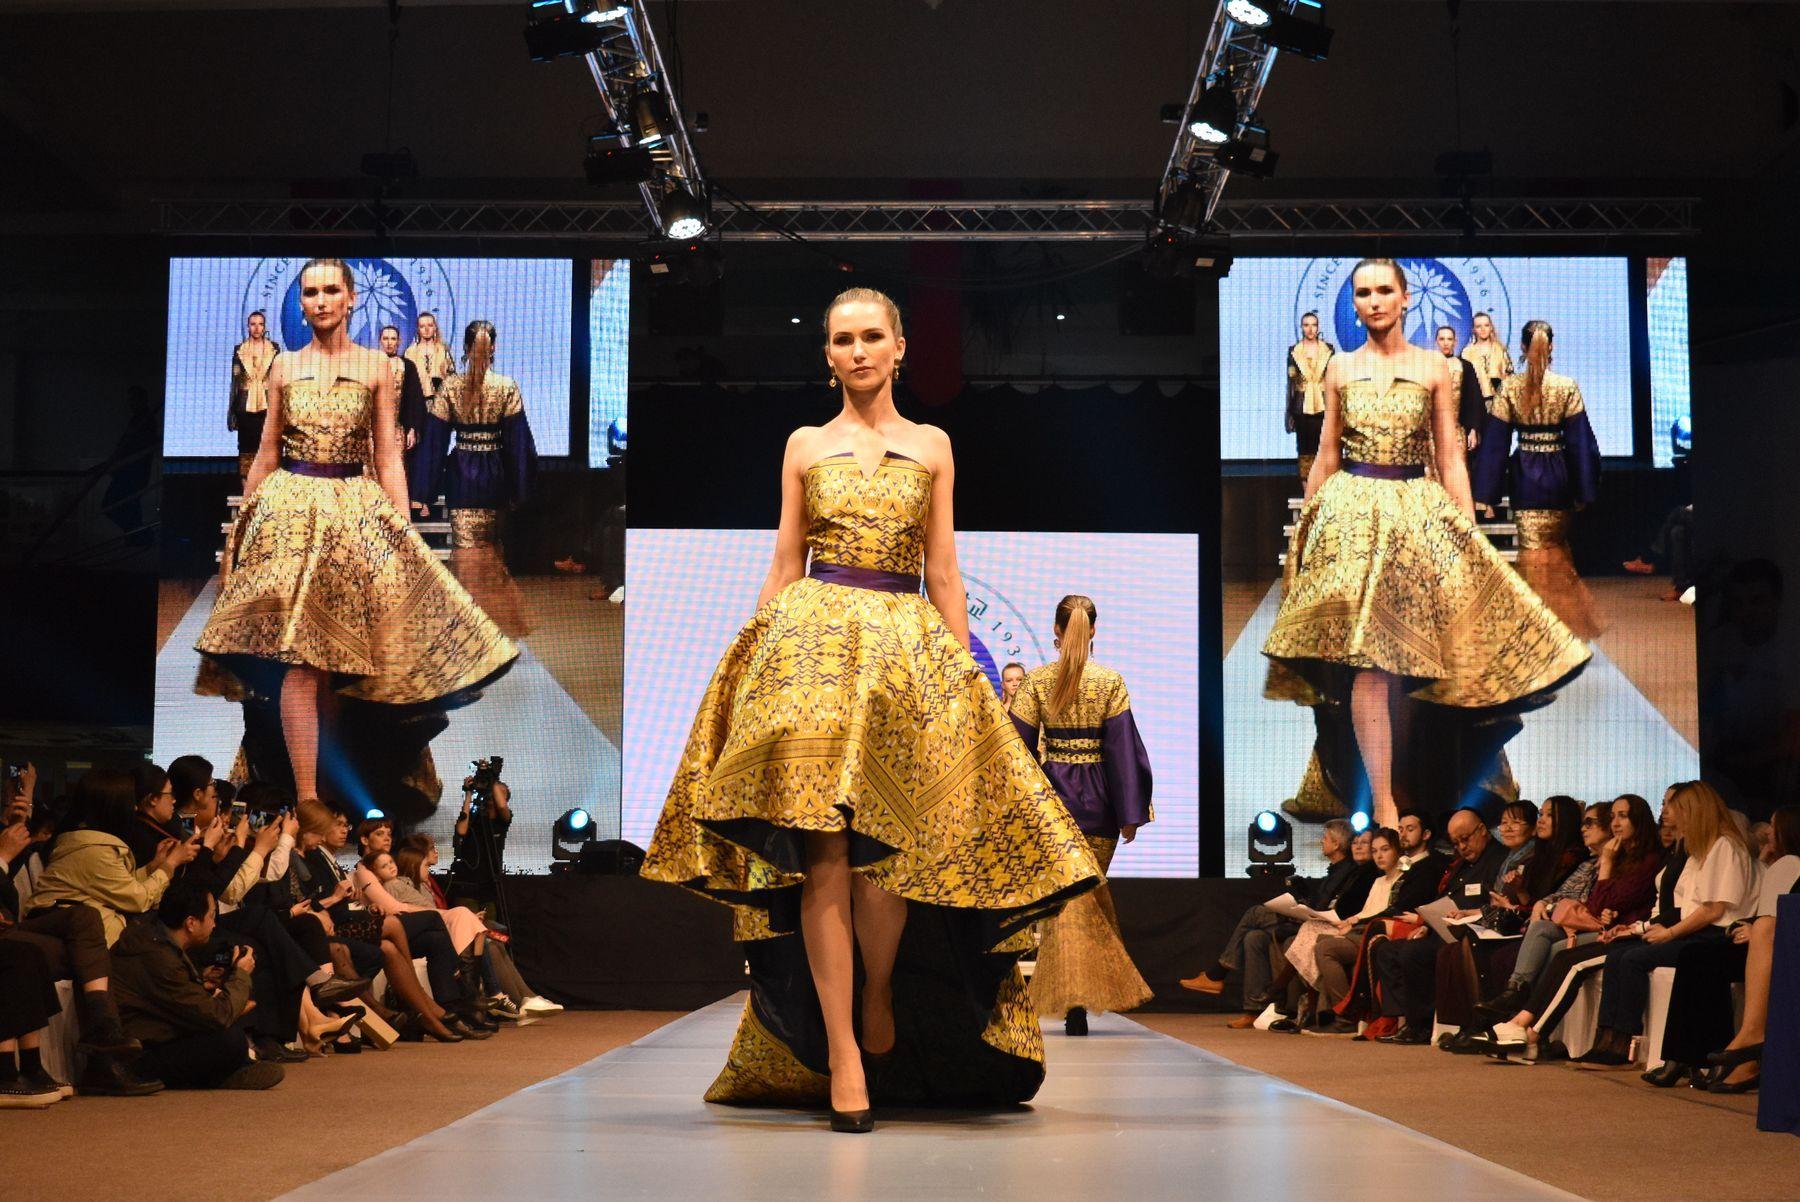 V Неделя моды и стиля во ВГУЭС: новые открытия и креатив